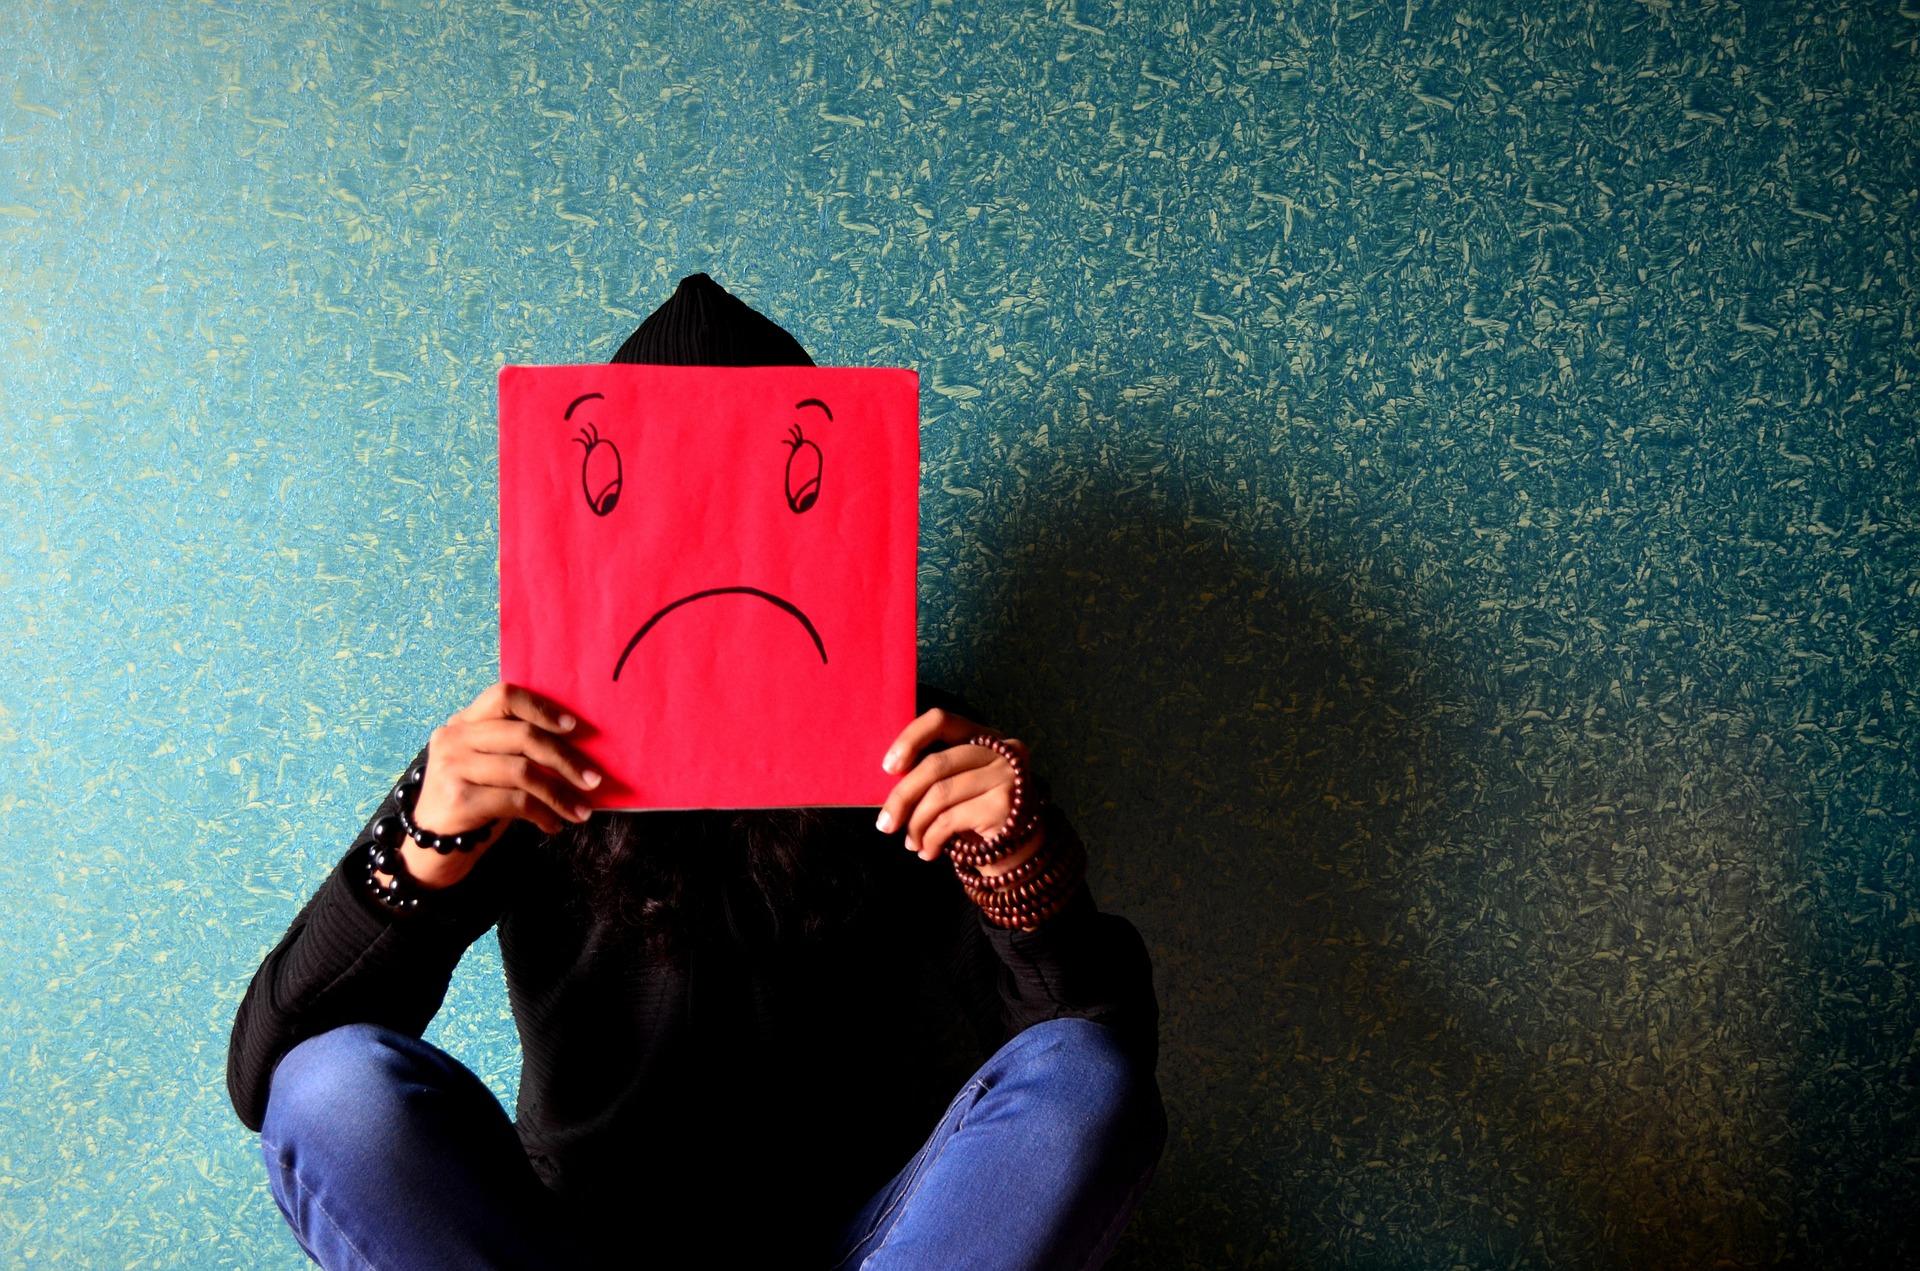 Sad Face Image